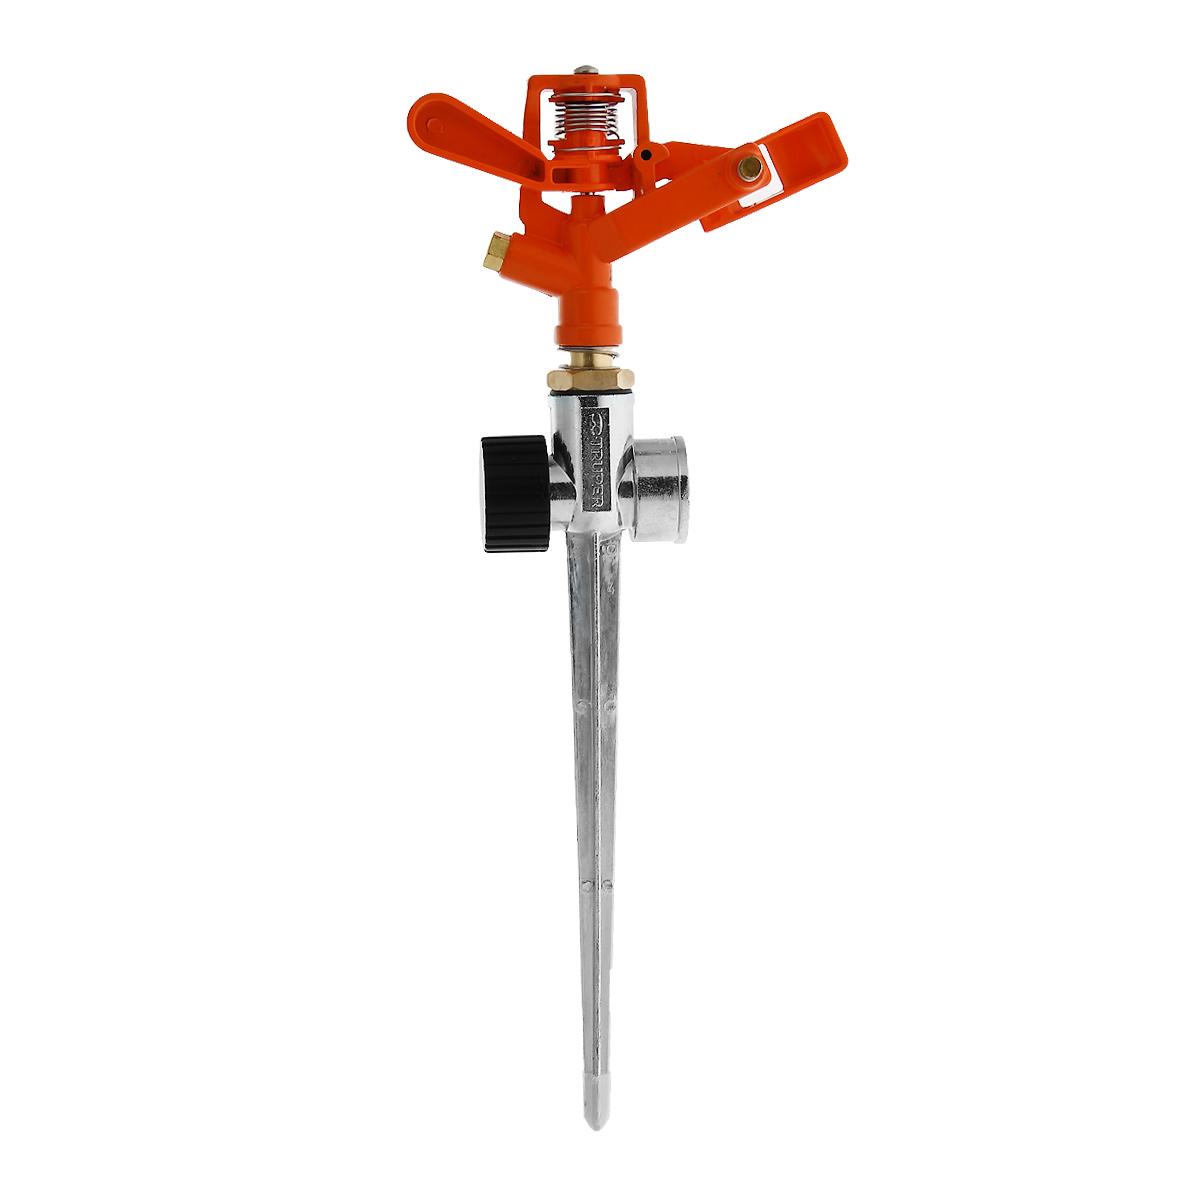 Ороситель водяной Truper DOS-11X, на пике ороситель водяной truper на пике